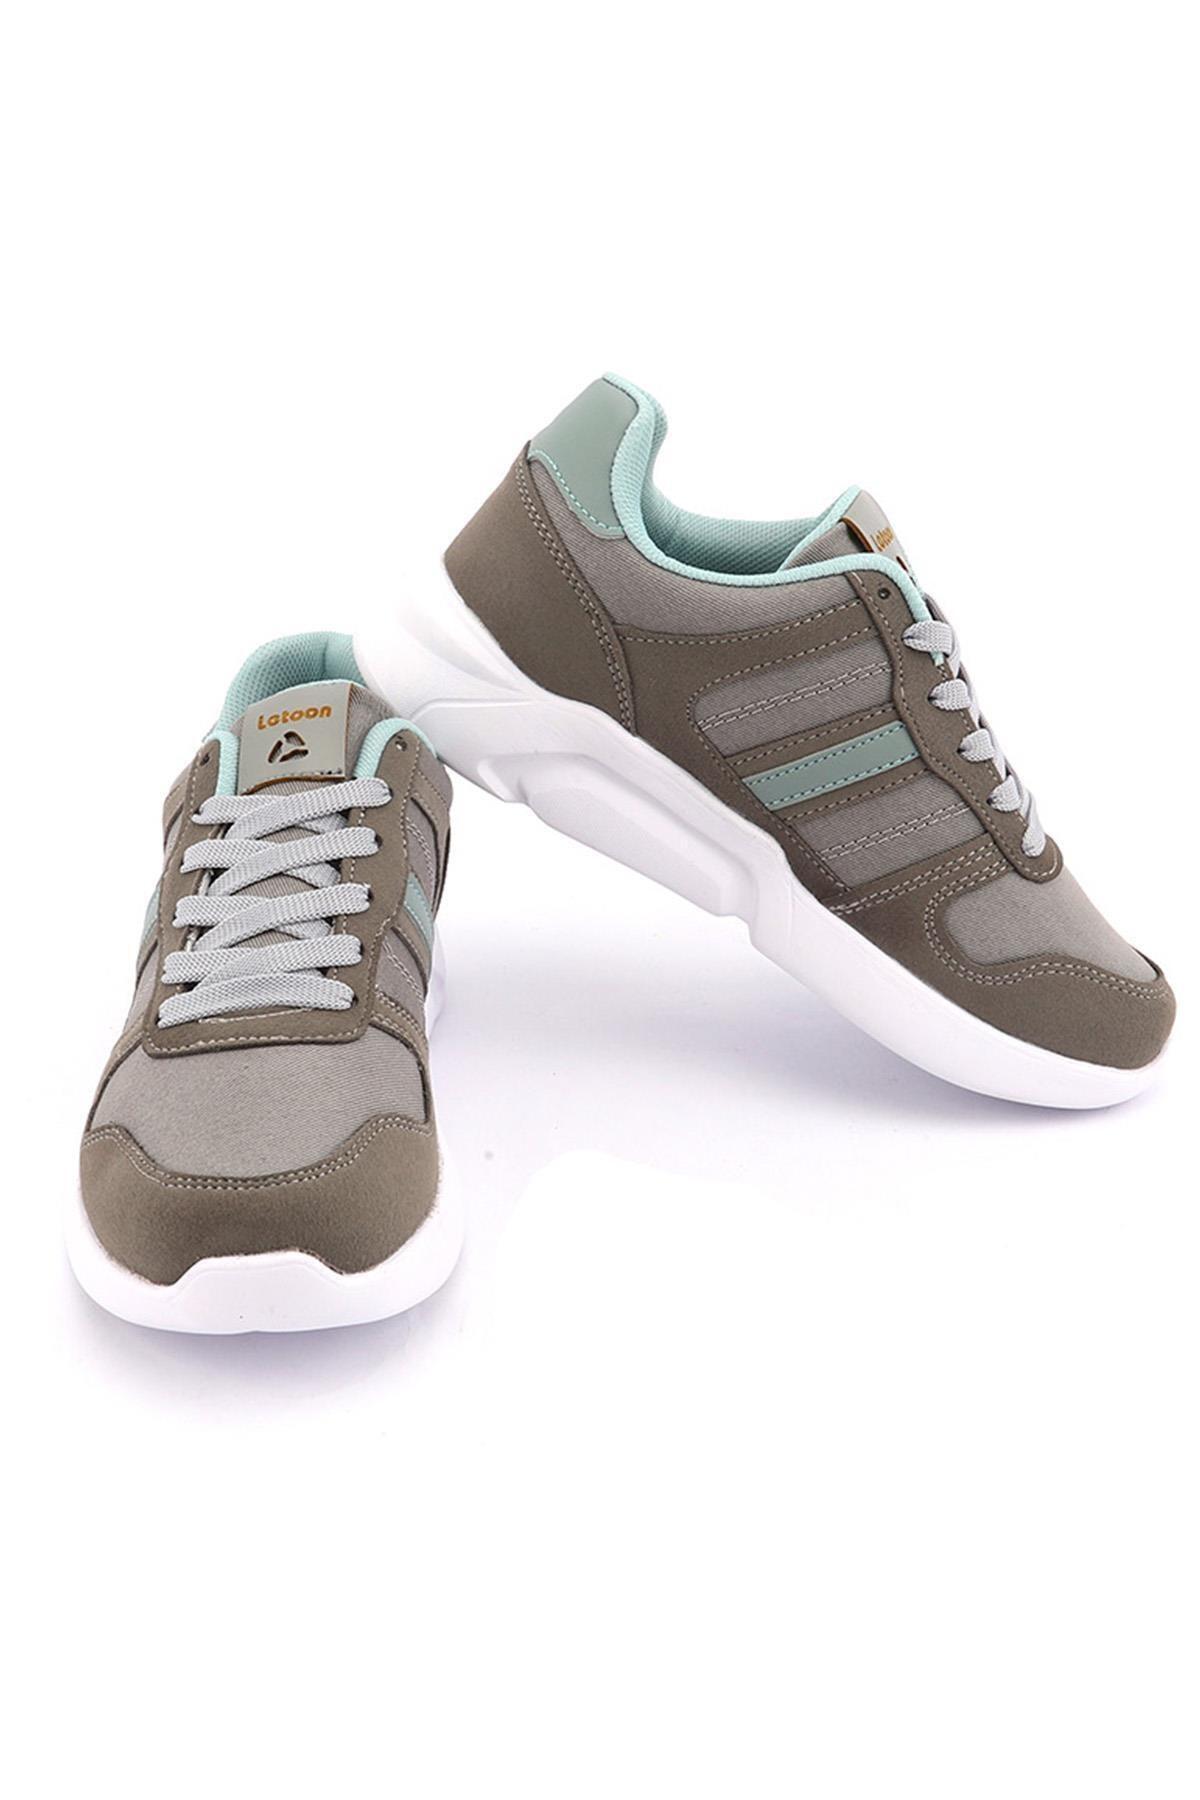 LETOON 2098zn Kadın Günlük Ayakkabı 1